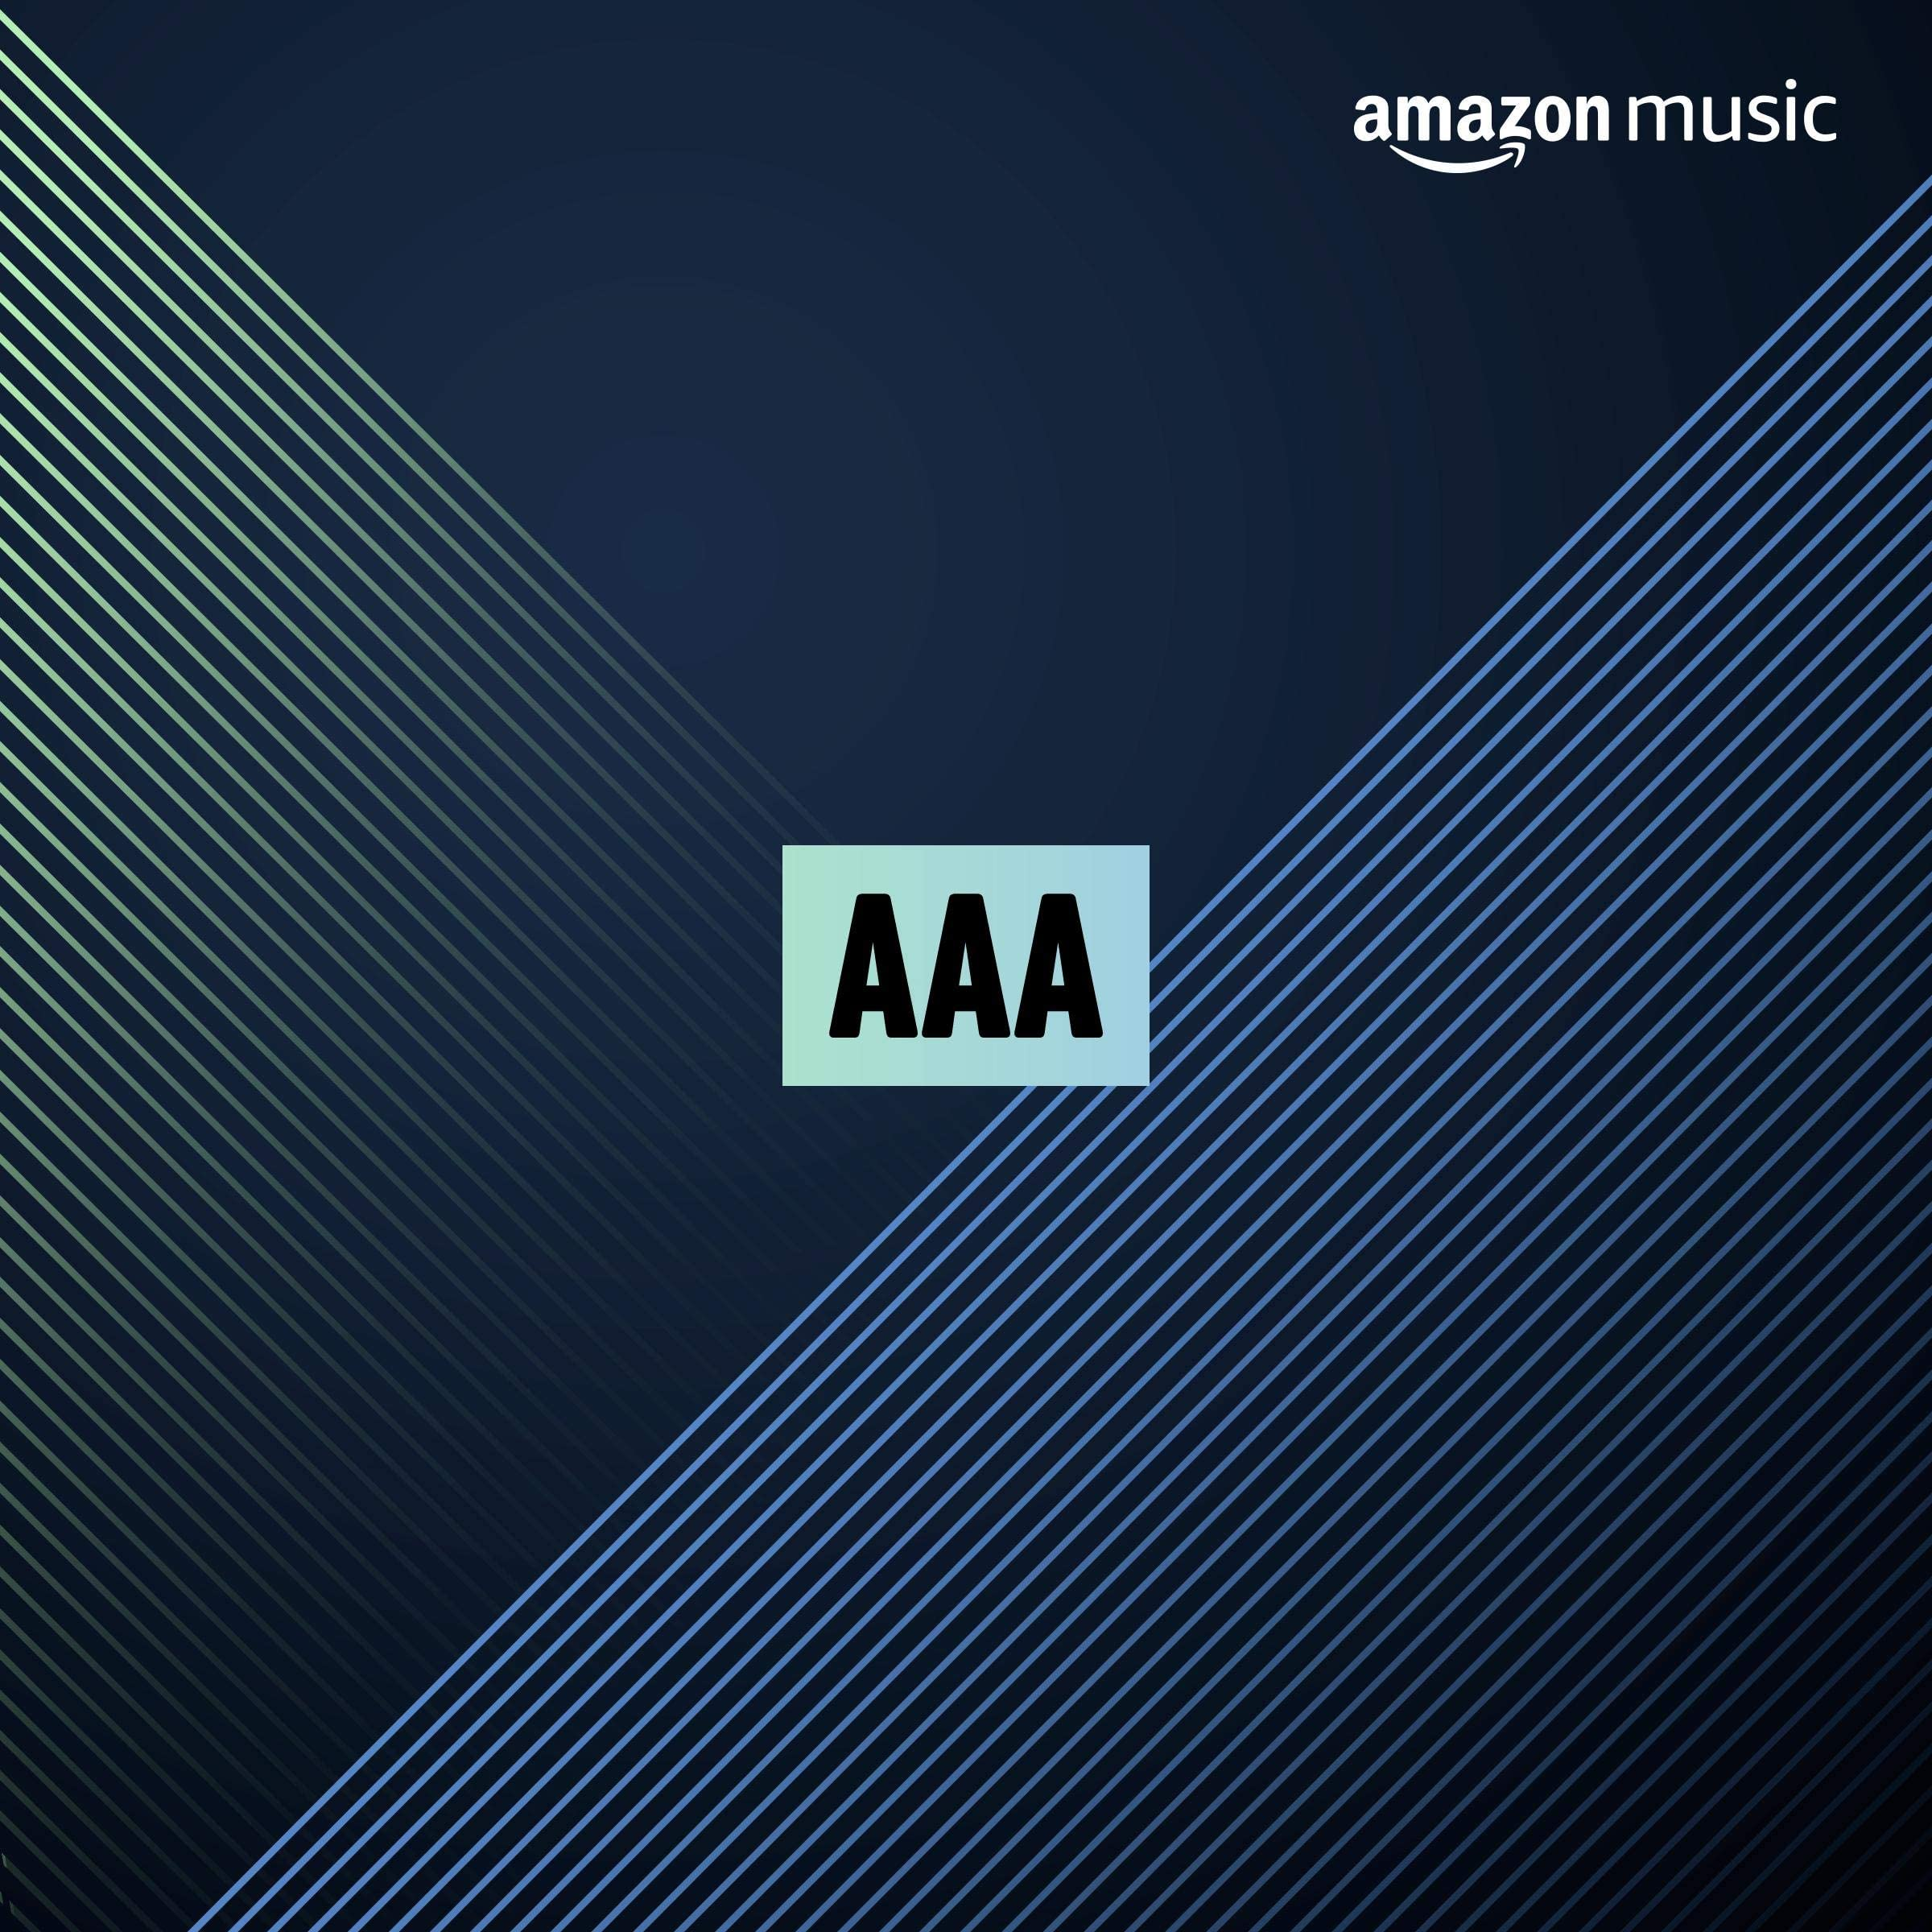 AAAを聴いているお客様におすすめ